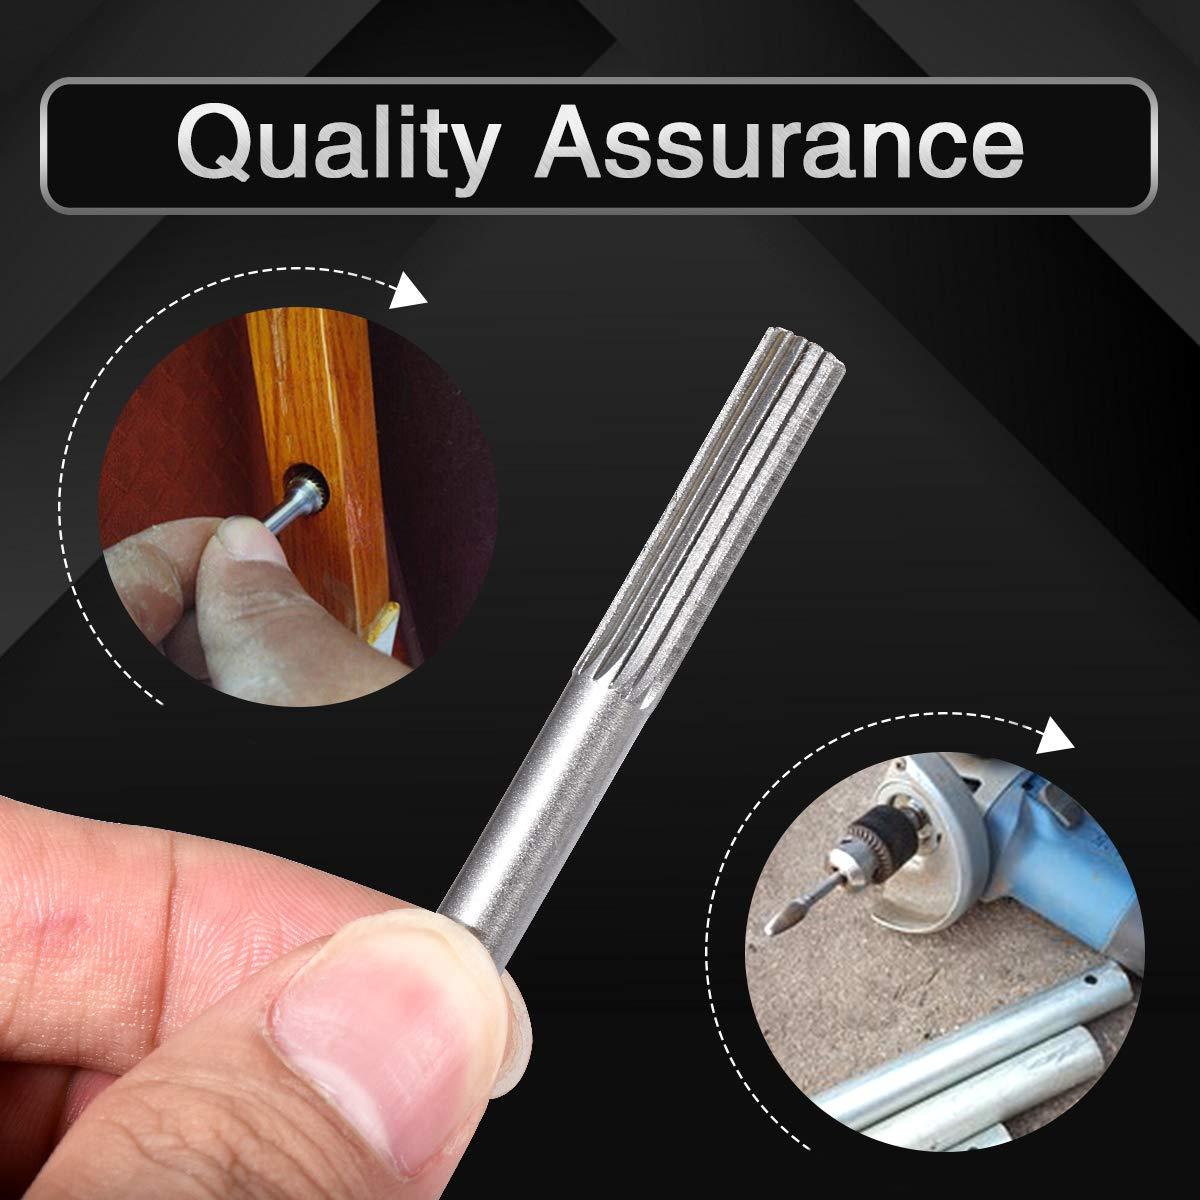 Cilindro de carburo de tungsteno di/ámetro de corte de 12,7 mm para herramienta rotativa fresa rotativa de lima redonda KATUR broca de molienda de grabado de v/ástago redondo de 6 mm